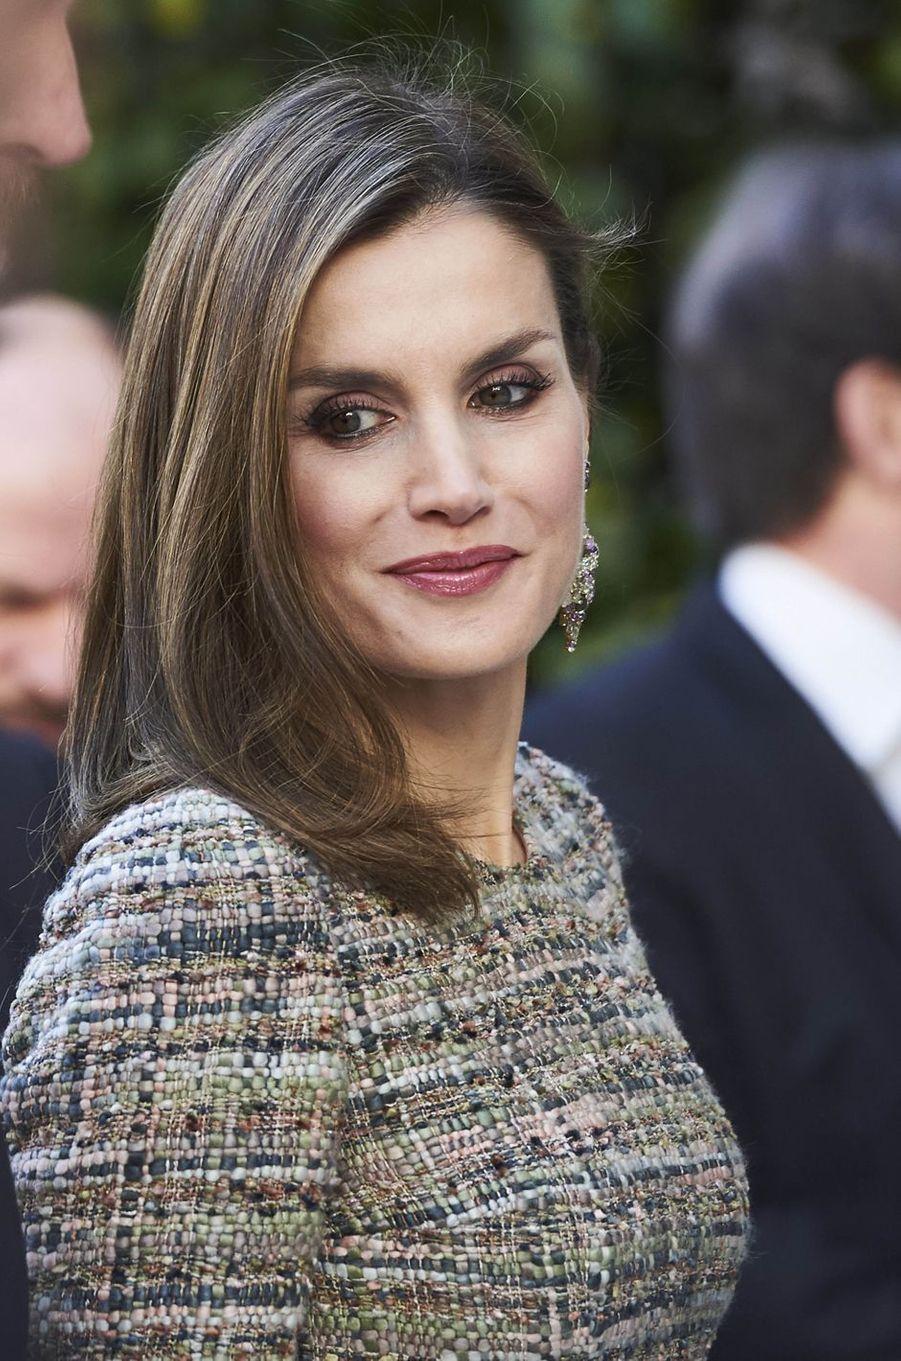 La reine Letizia d'Espagne à Madrid, le 17 février 2017